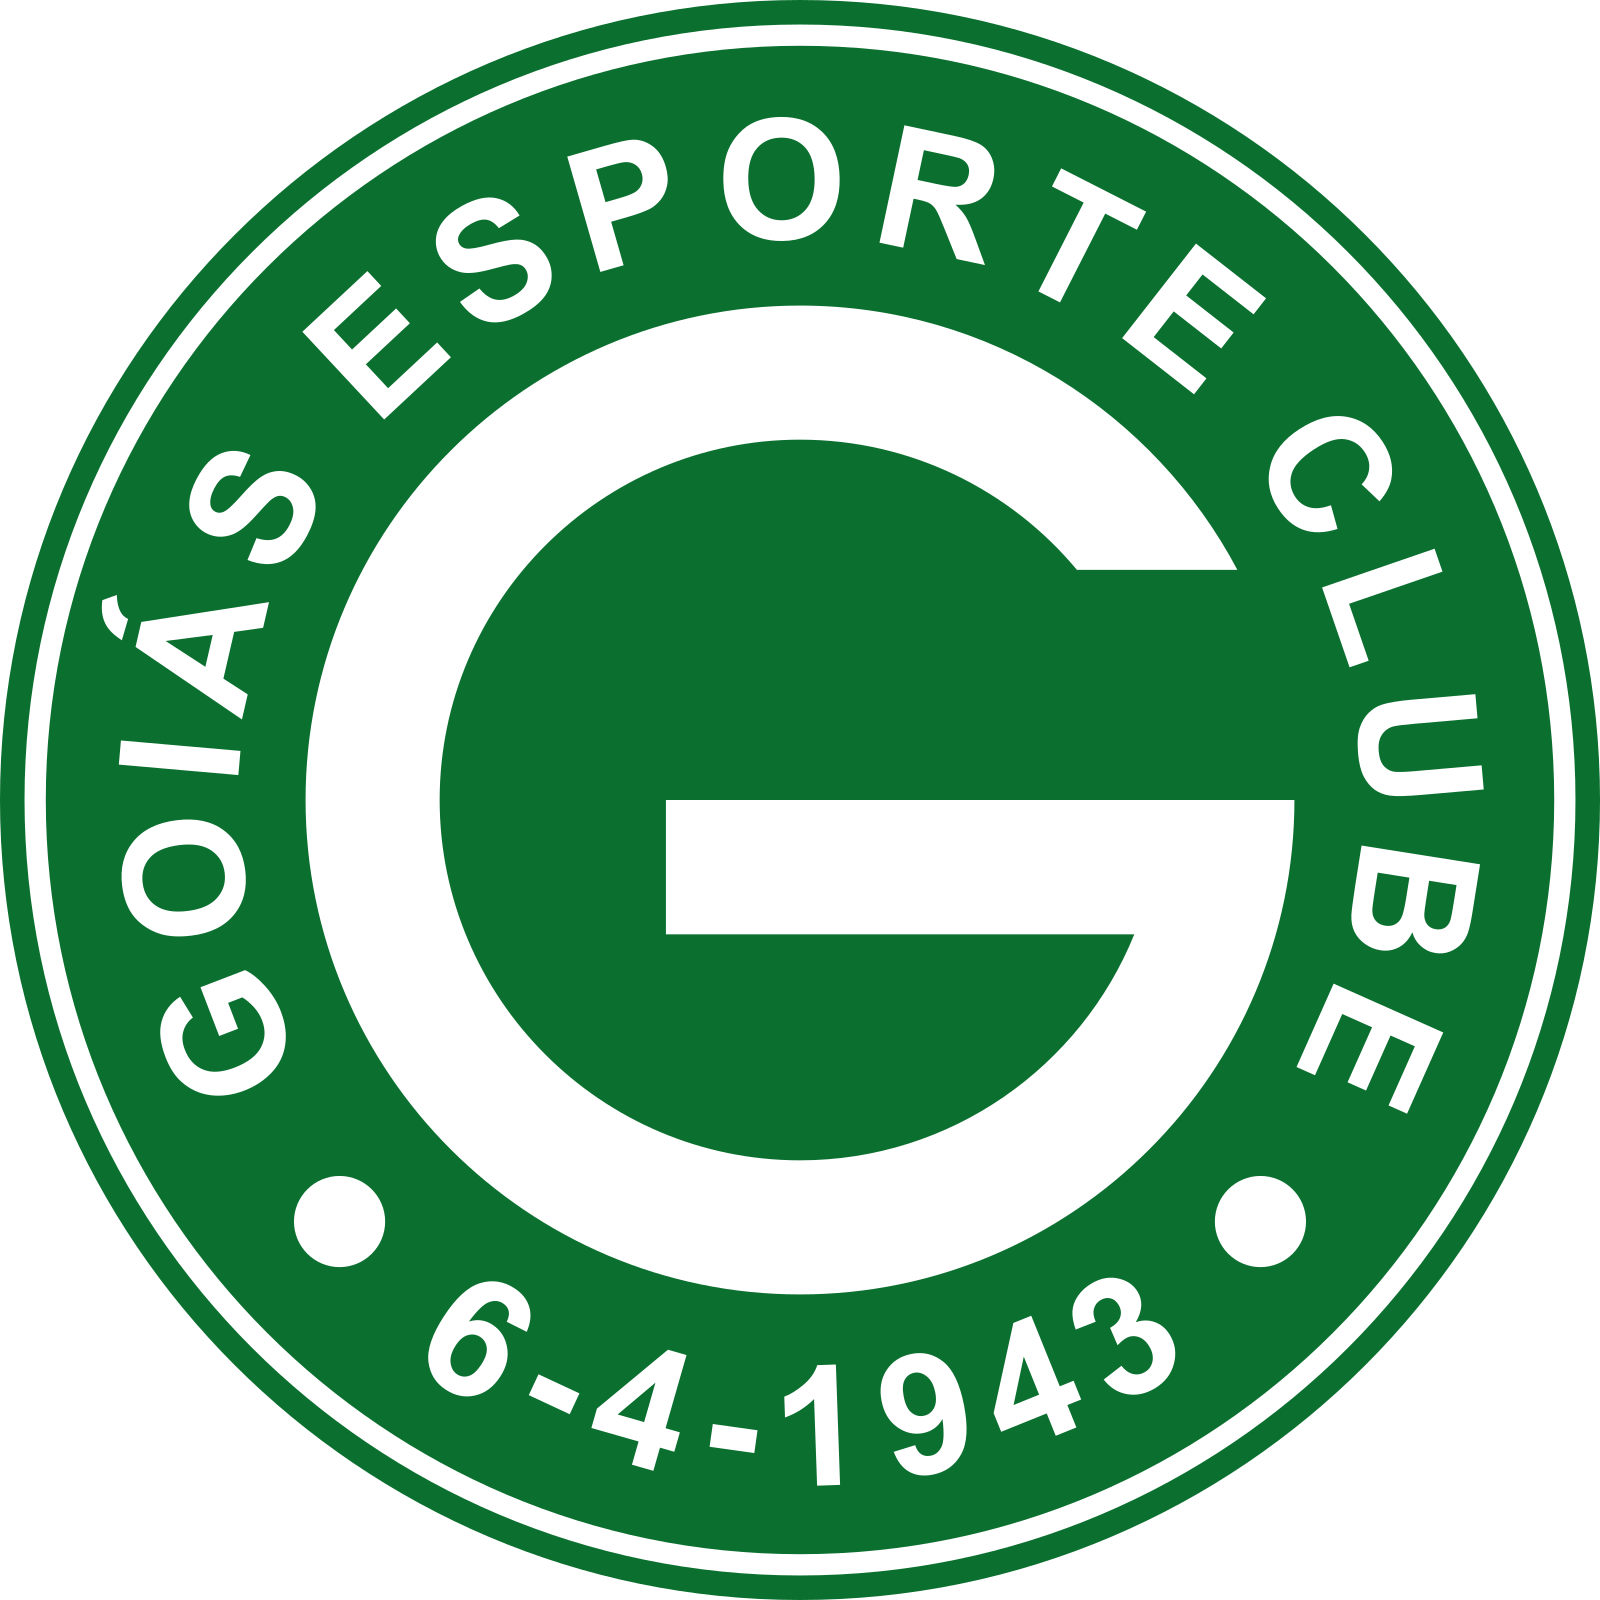 Hino do Goiás Esporte Clube.